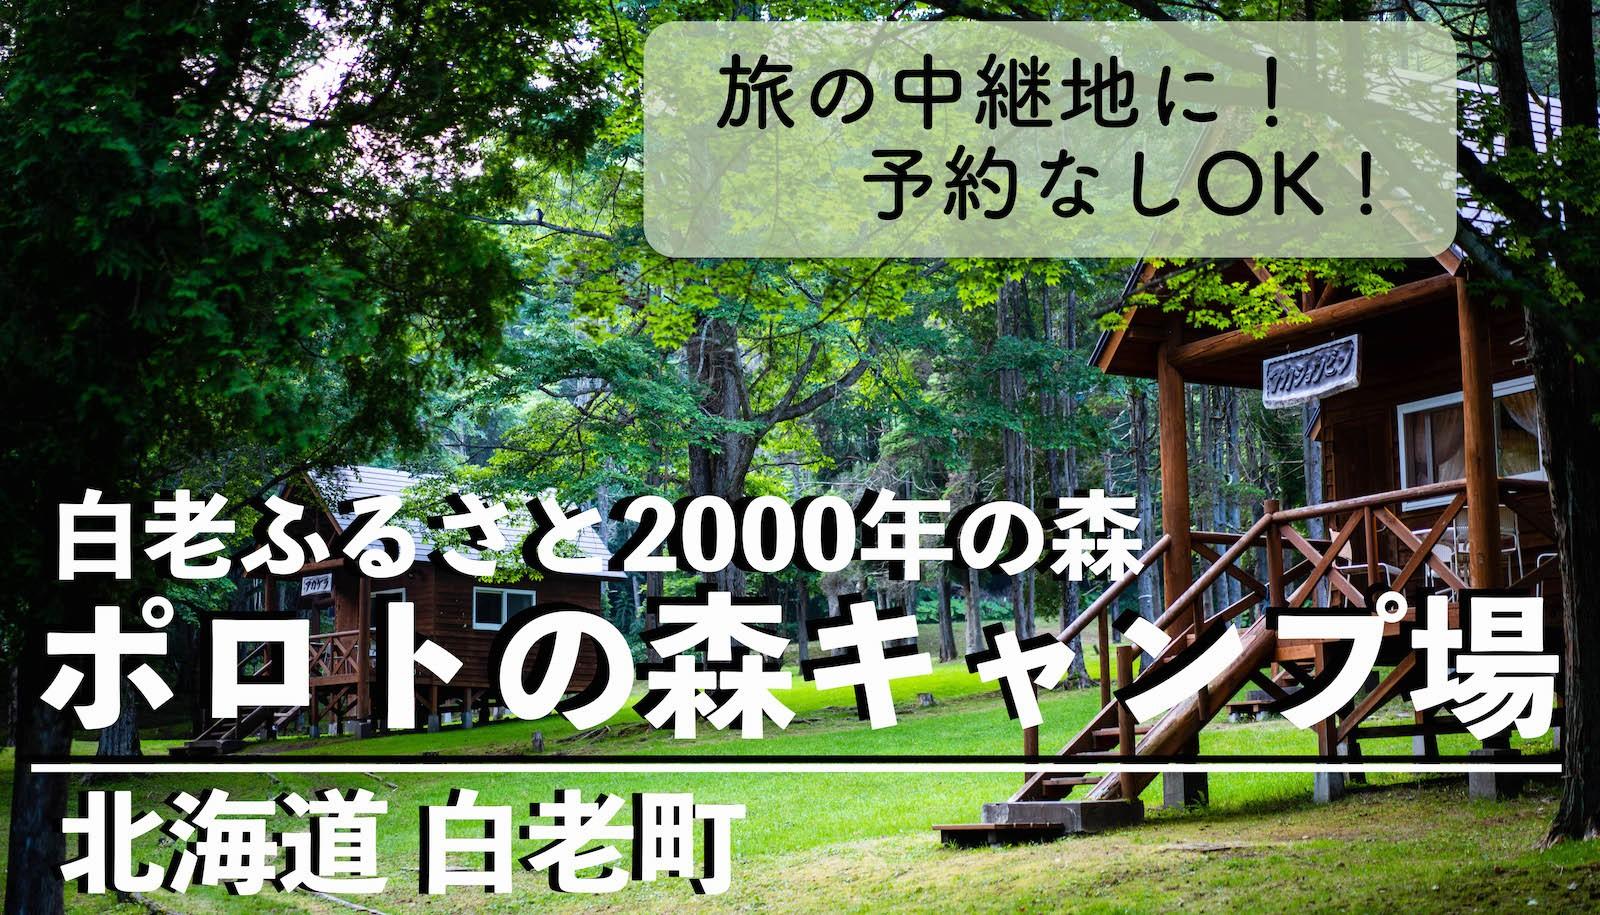 北海道白老ふるさと2000年の森ポロトの森キャンプ場,熊出没,料金,予約,サイト選び